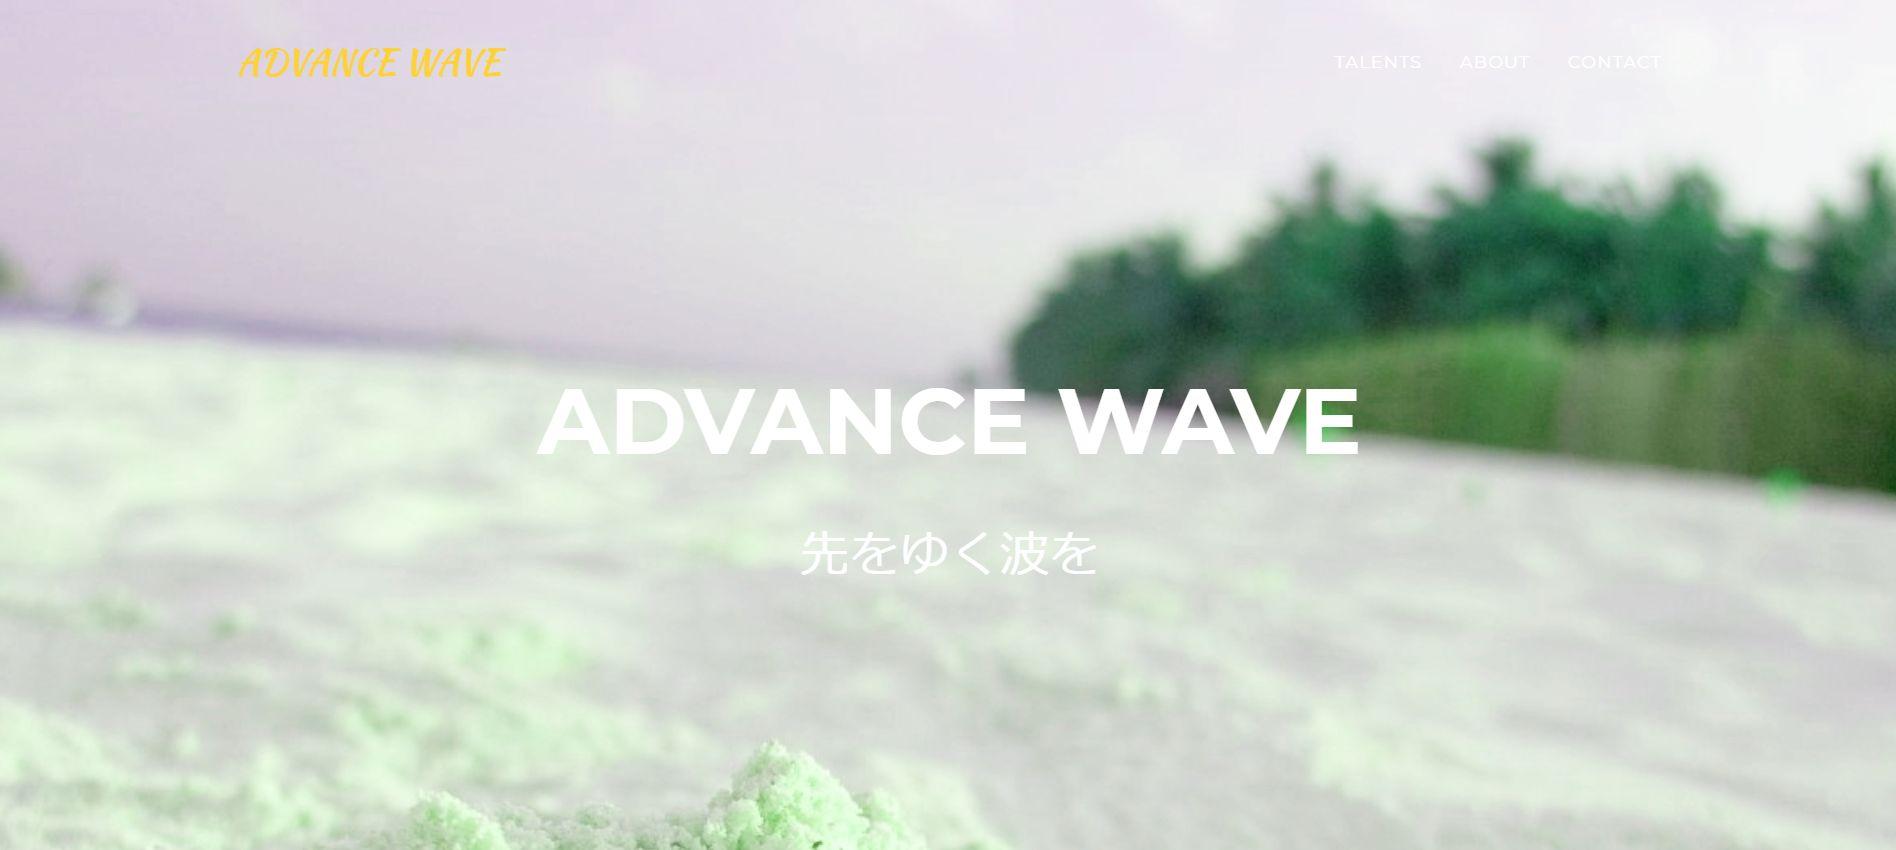 オーディション ADVANCE WAVE新人発掘オーディション 本格的に芸能活動目指す方をお待ちしております 主催:ADVANCE WAVE、カテゴリ:アイドル(本格派)